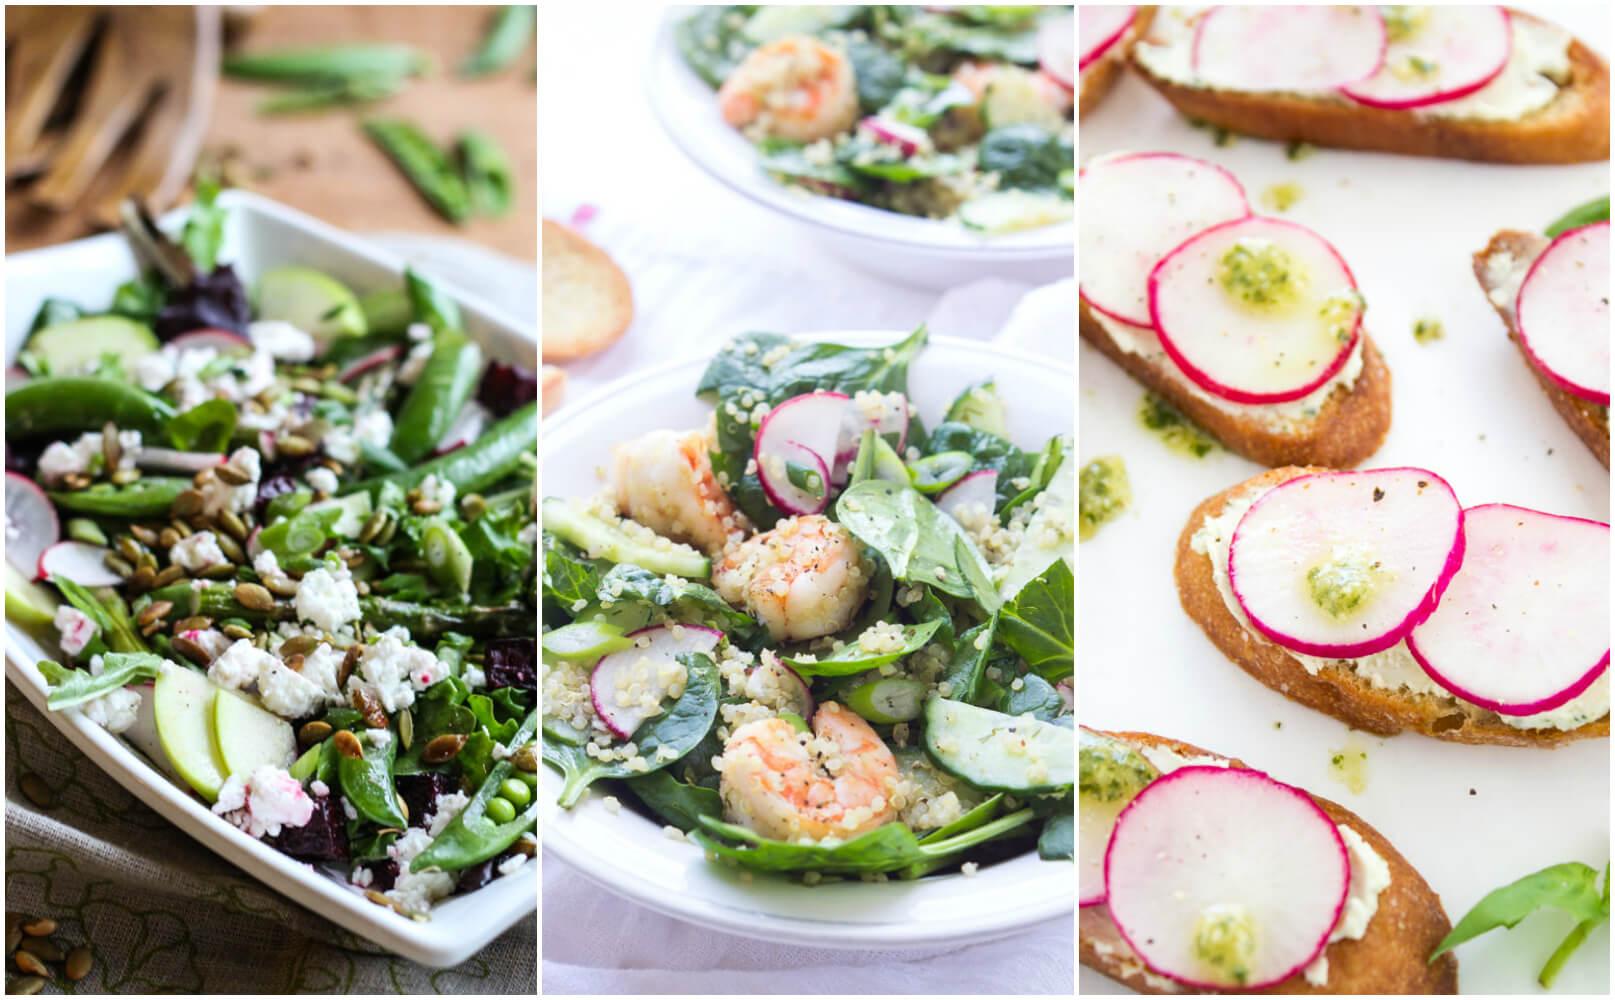 Best radish recipes + guide to spring produce | littlebroken.com @littlebroken